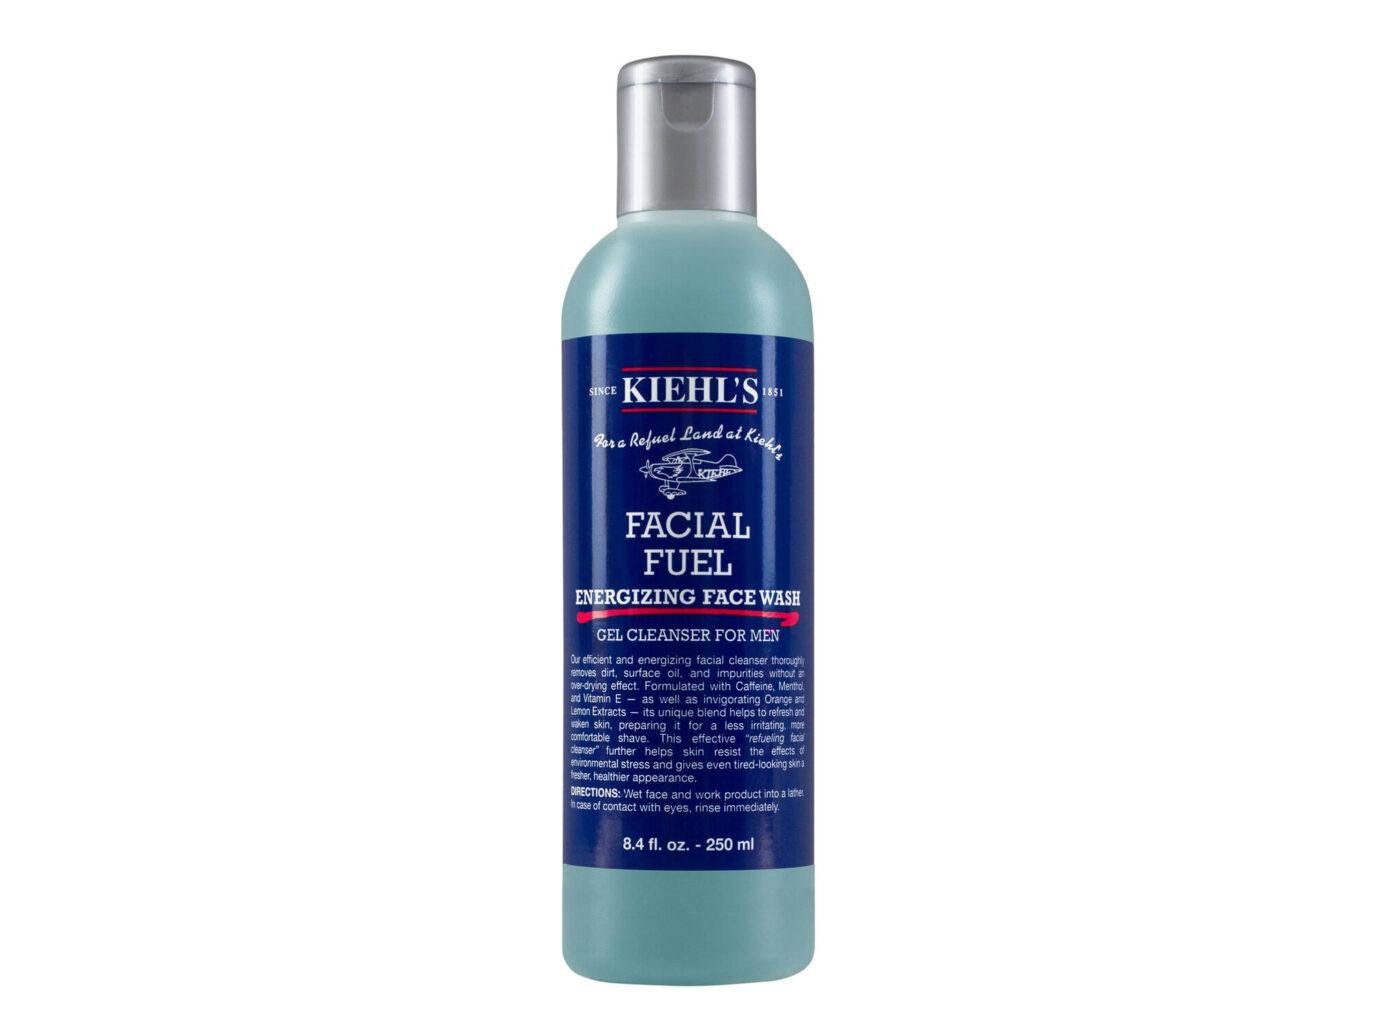 Khiels Facial Fuel Cleanser